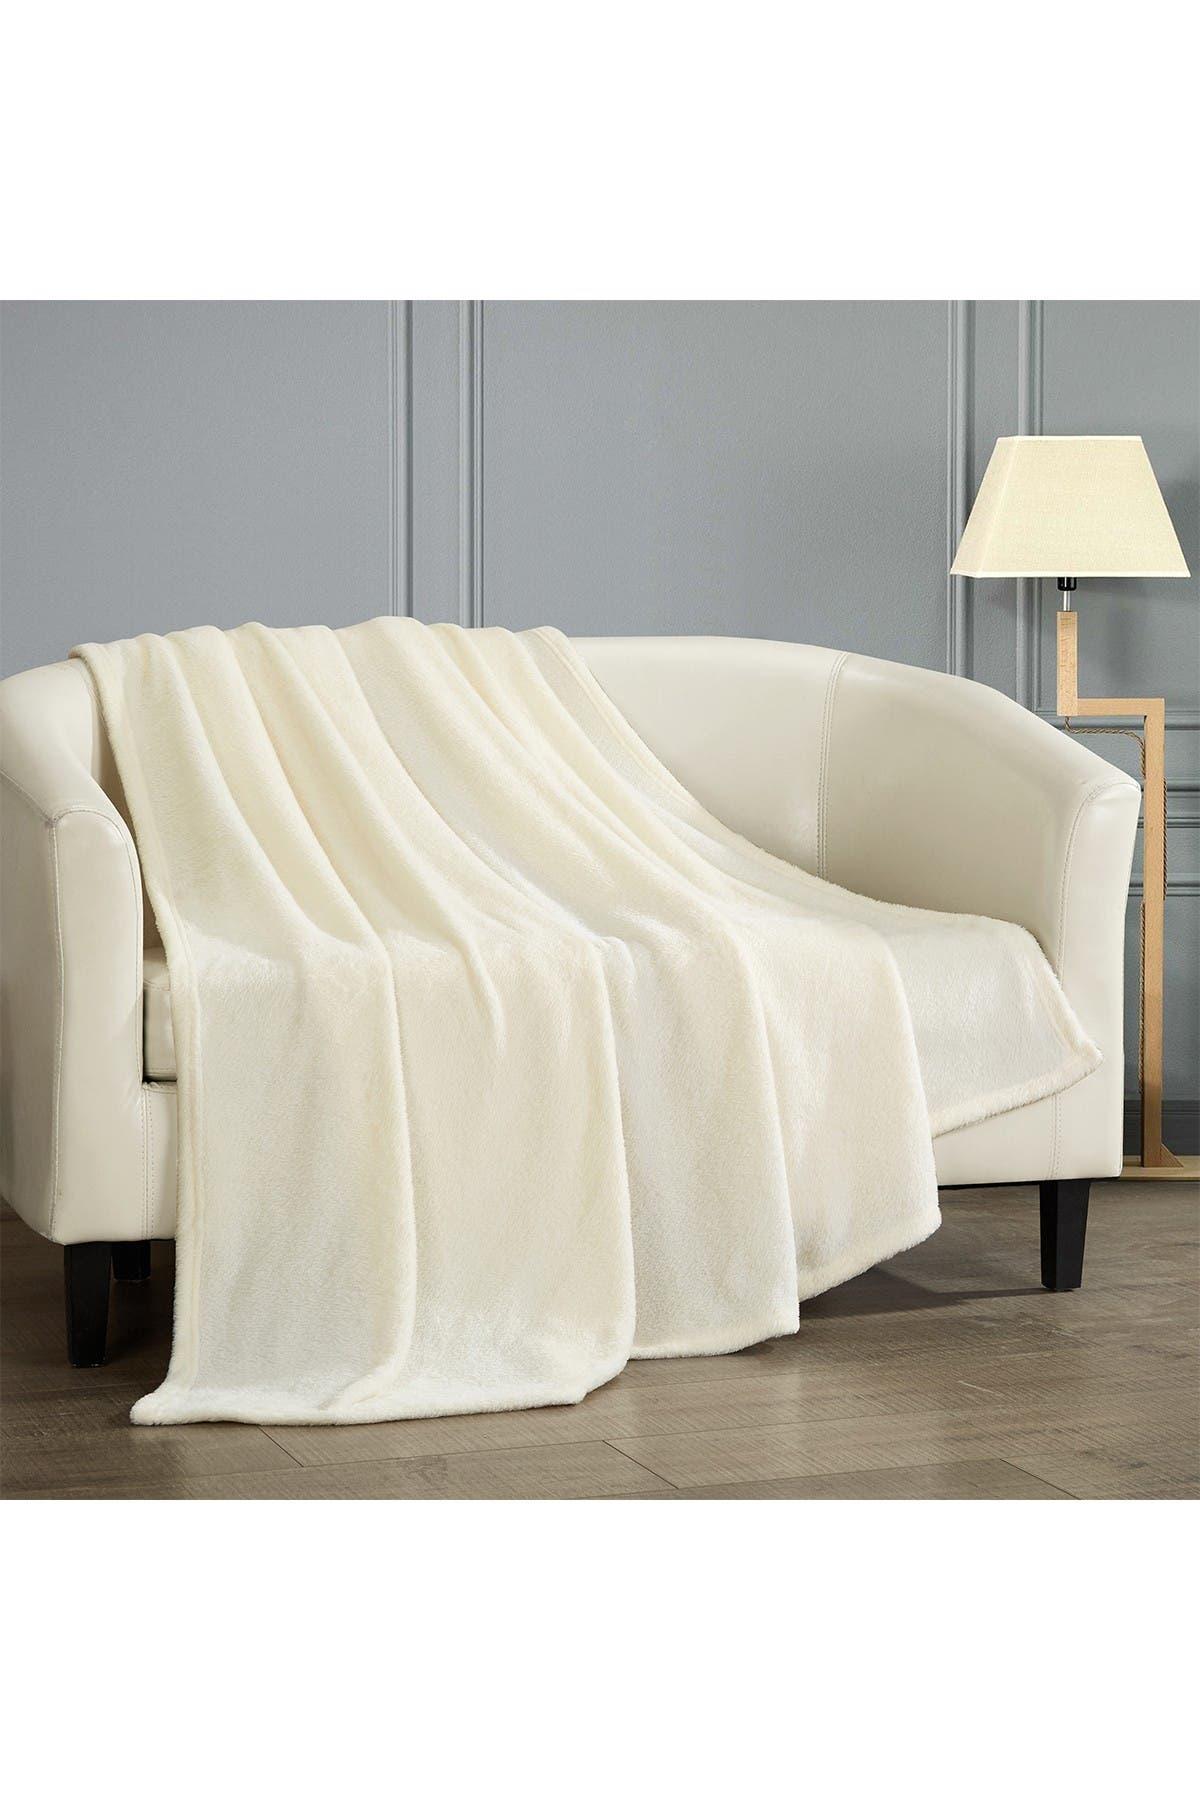 Image of Chic Home Bedding Kaeden Fleece Throw - Beige